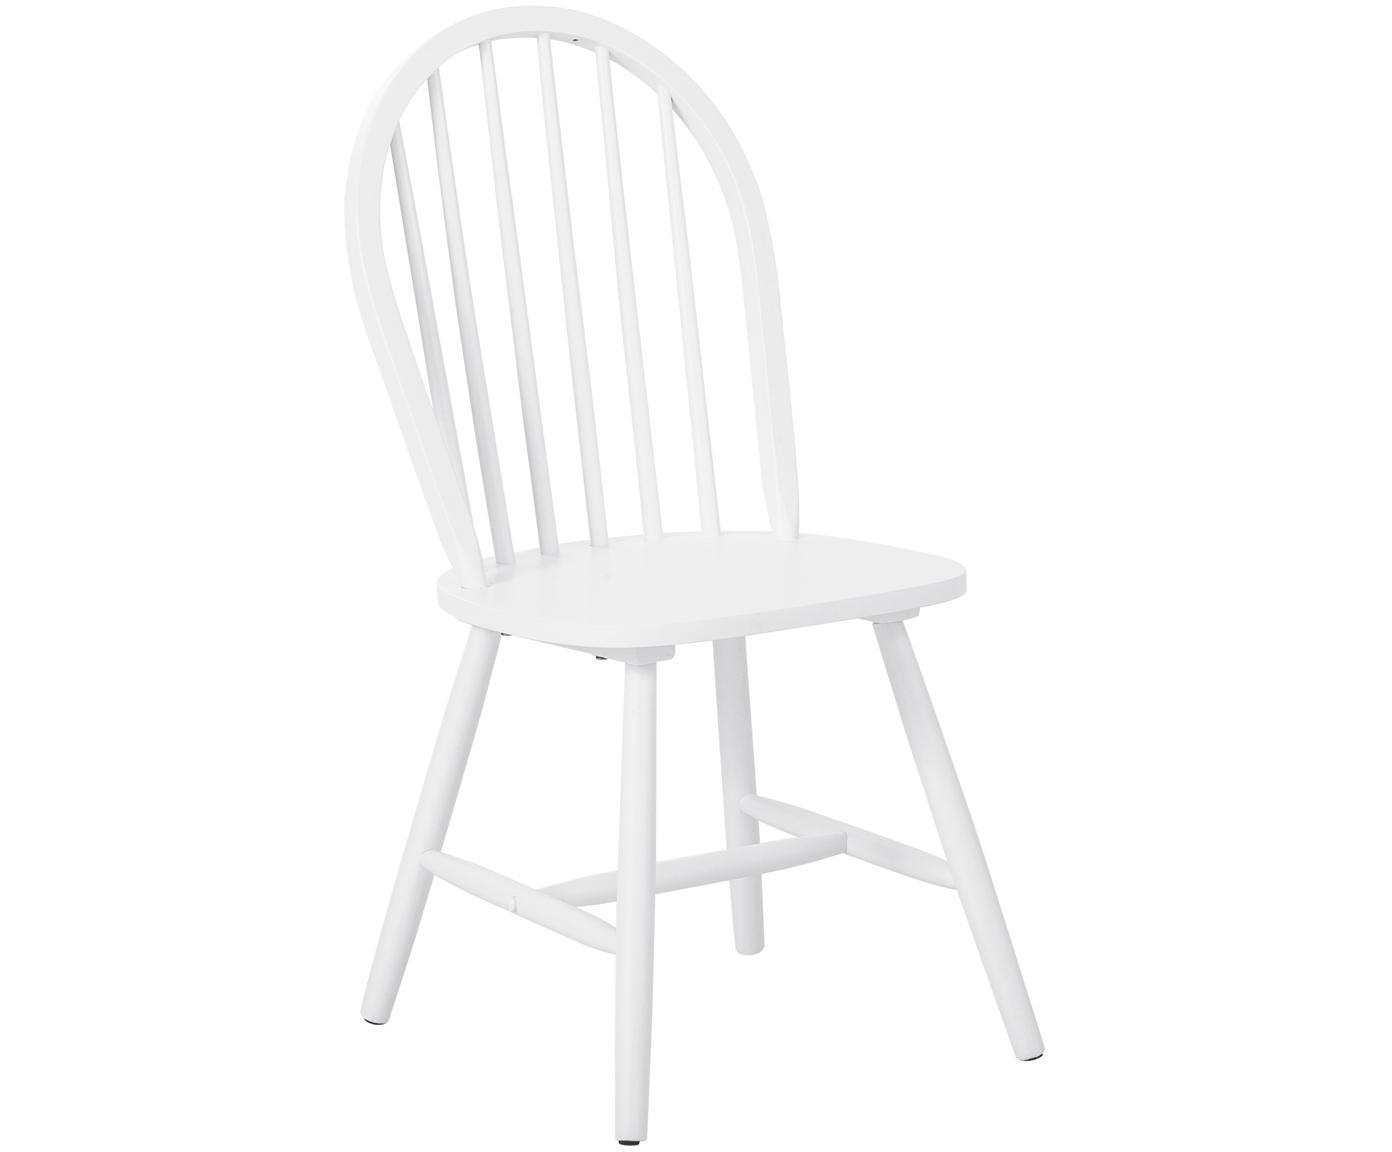 Sedia in legno in design windsor Jonas 2 pz, Legno di caucciù verniciato, Bianco, Larg. 46 x Prof. 51 cm